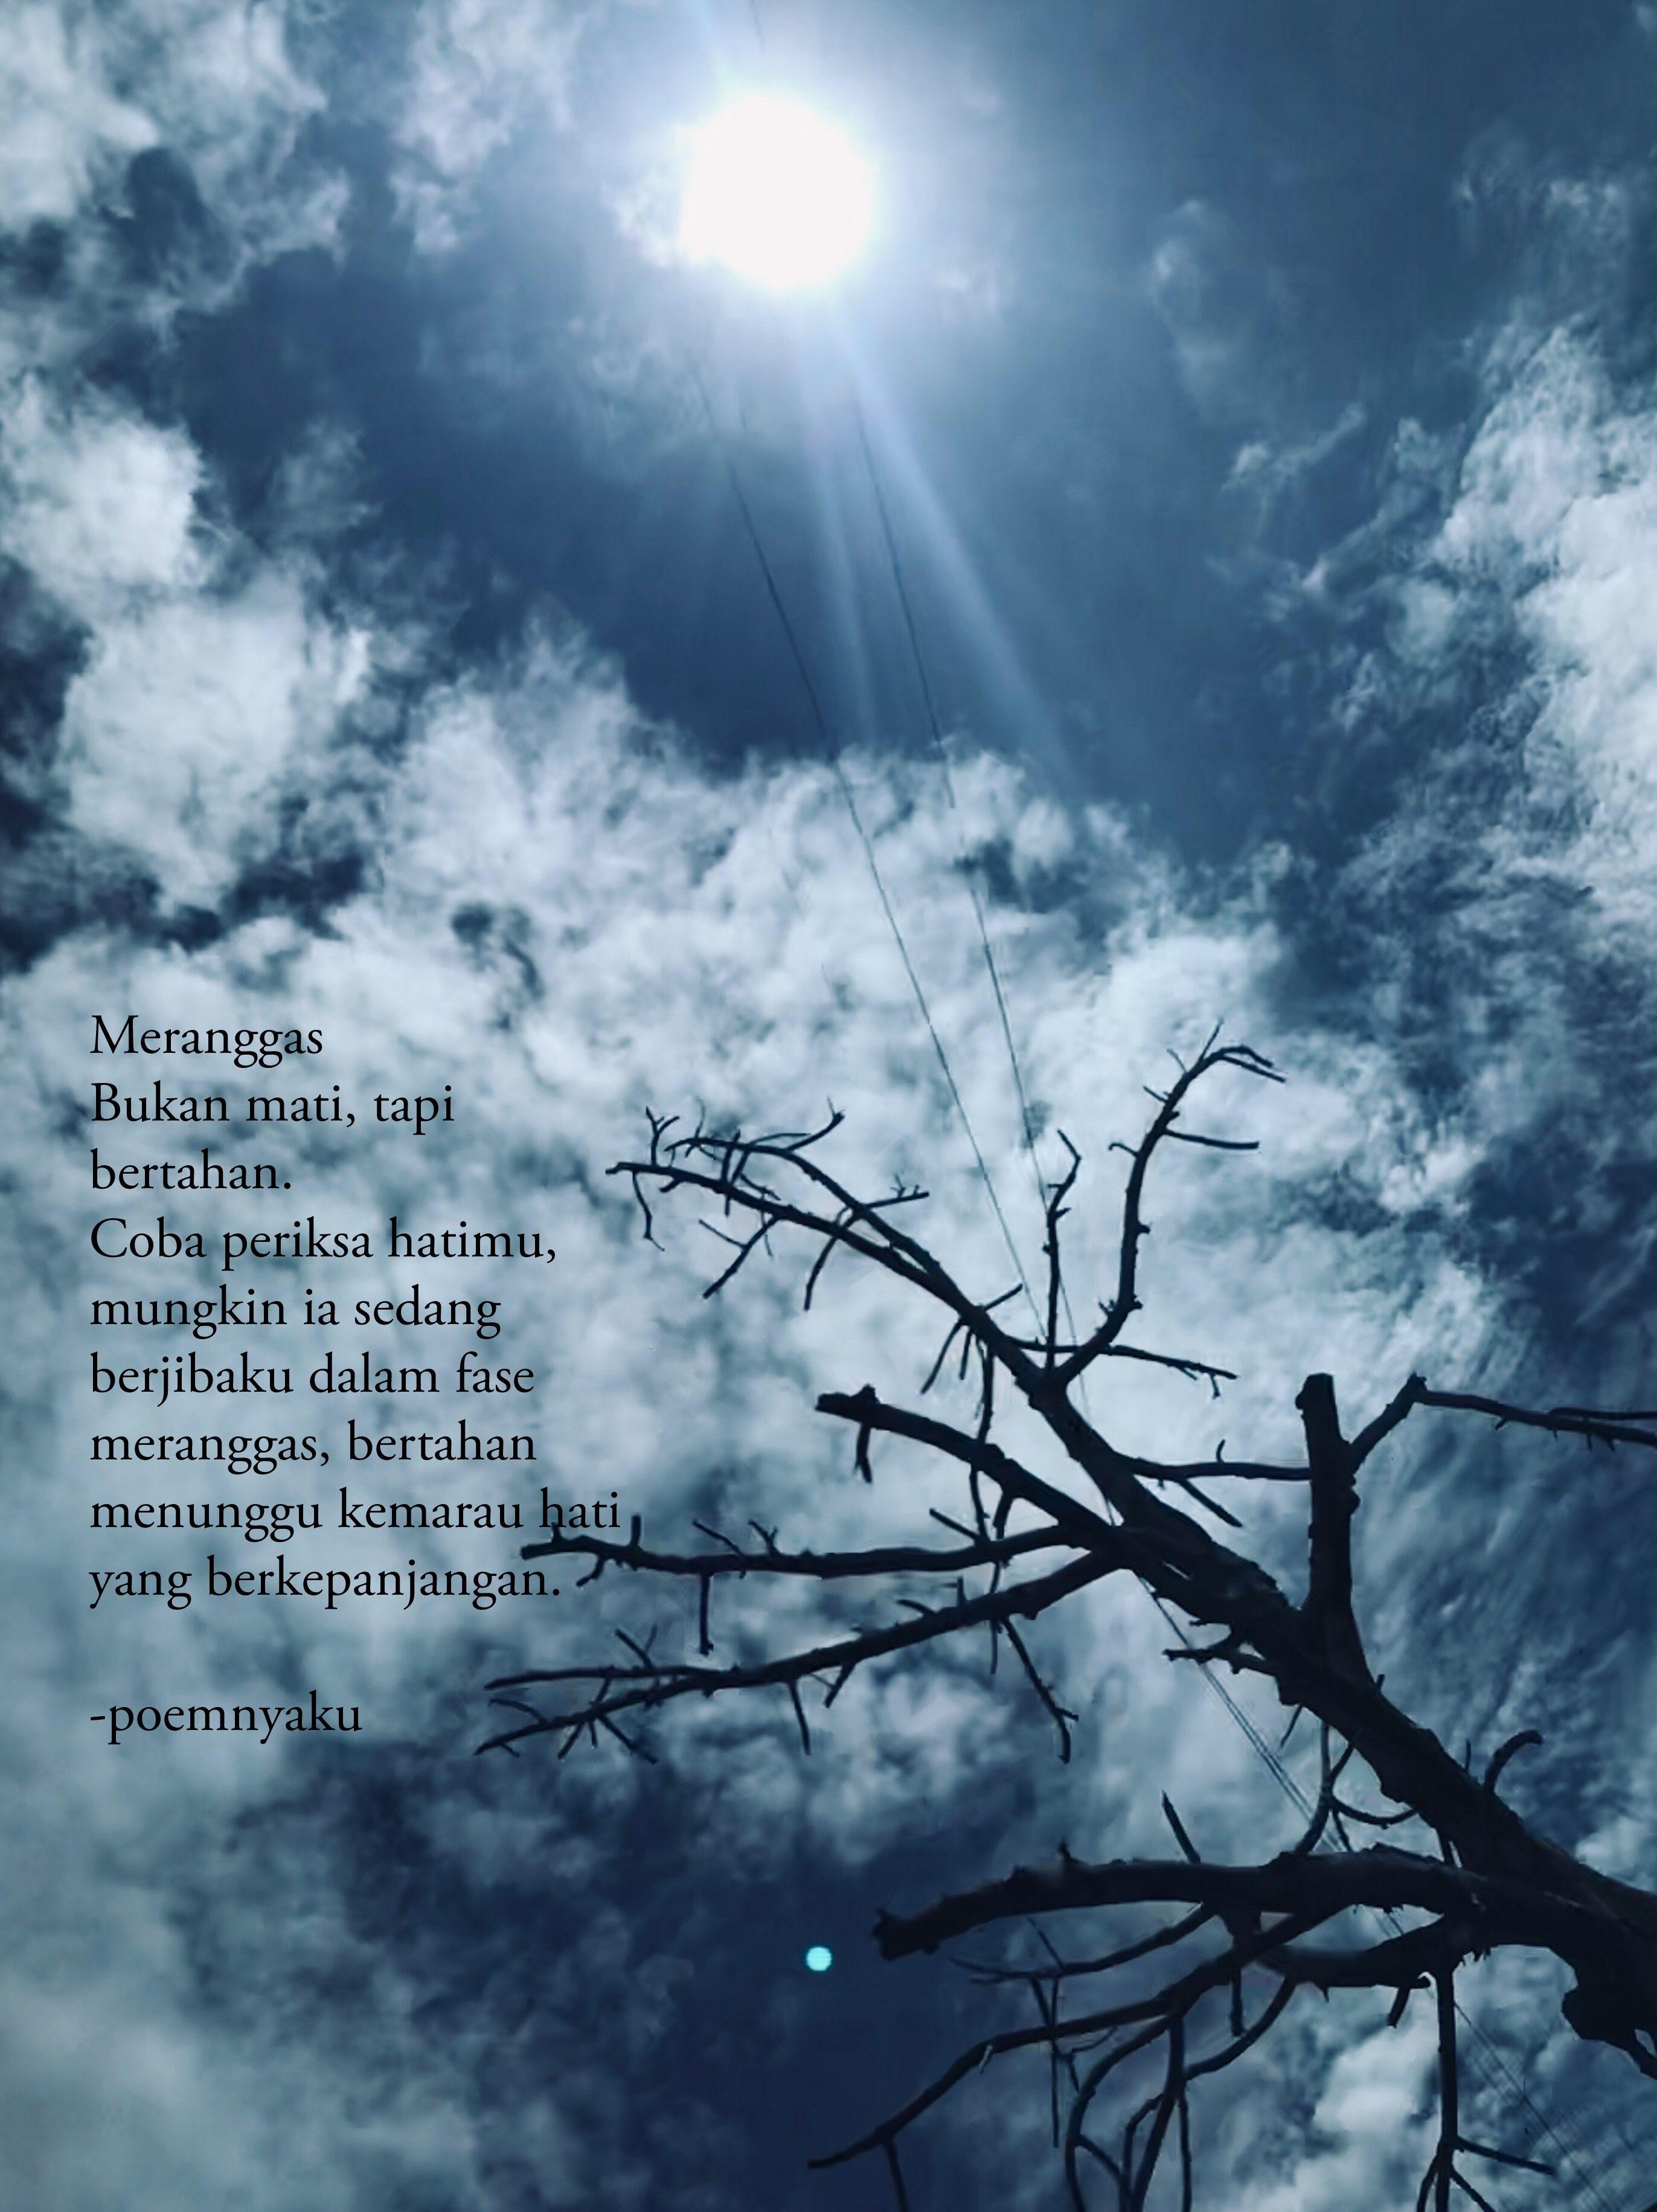 Meranggas Kata Kata Indah Langit Biru Langit